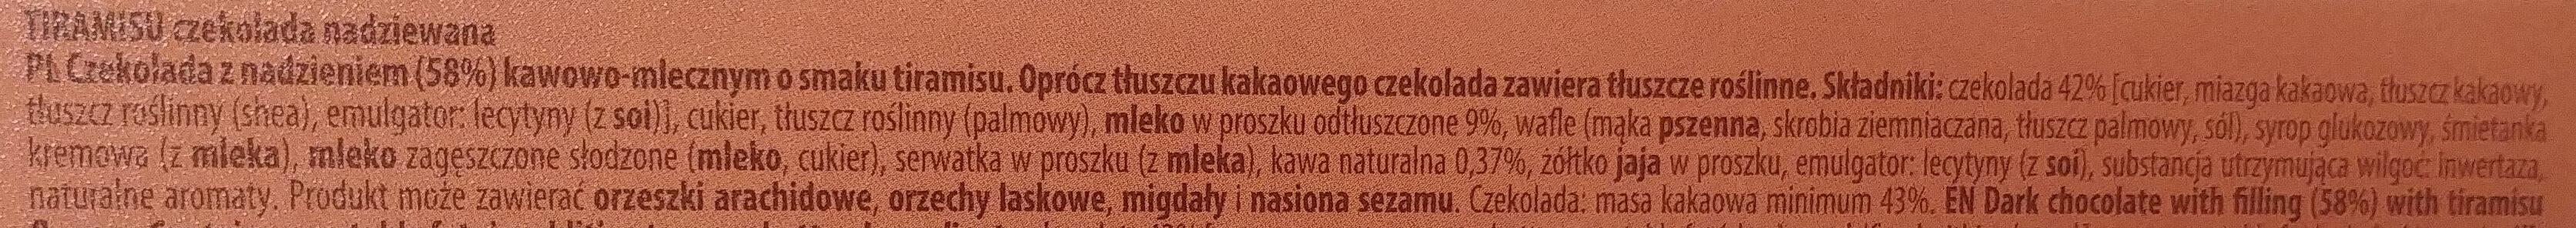 Tiramisu czekolada nadziewana - Składniki - pl